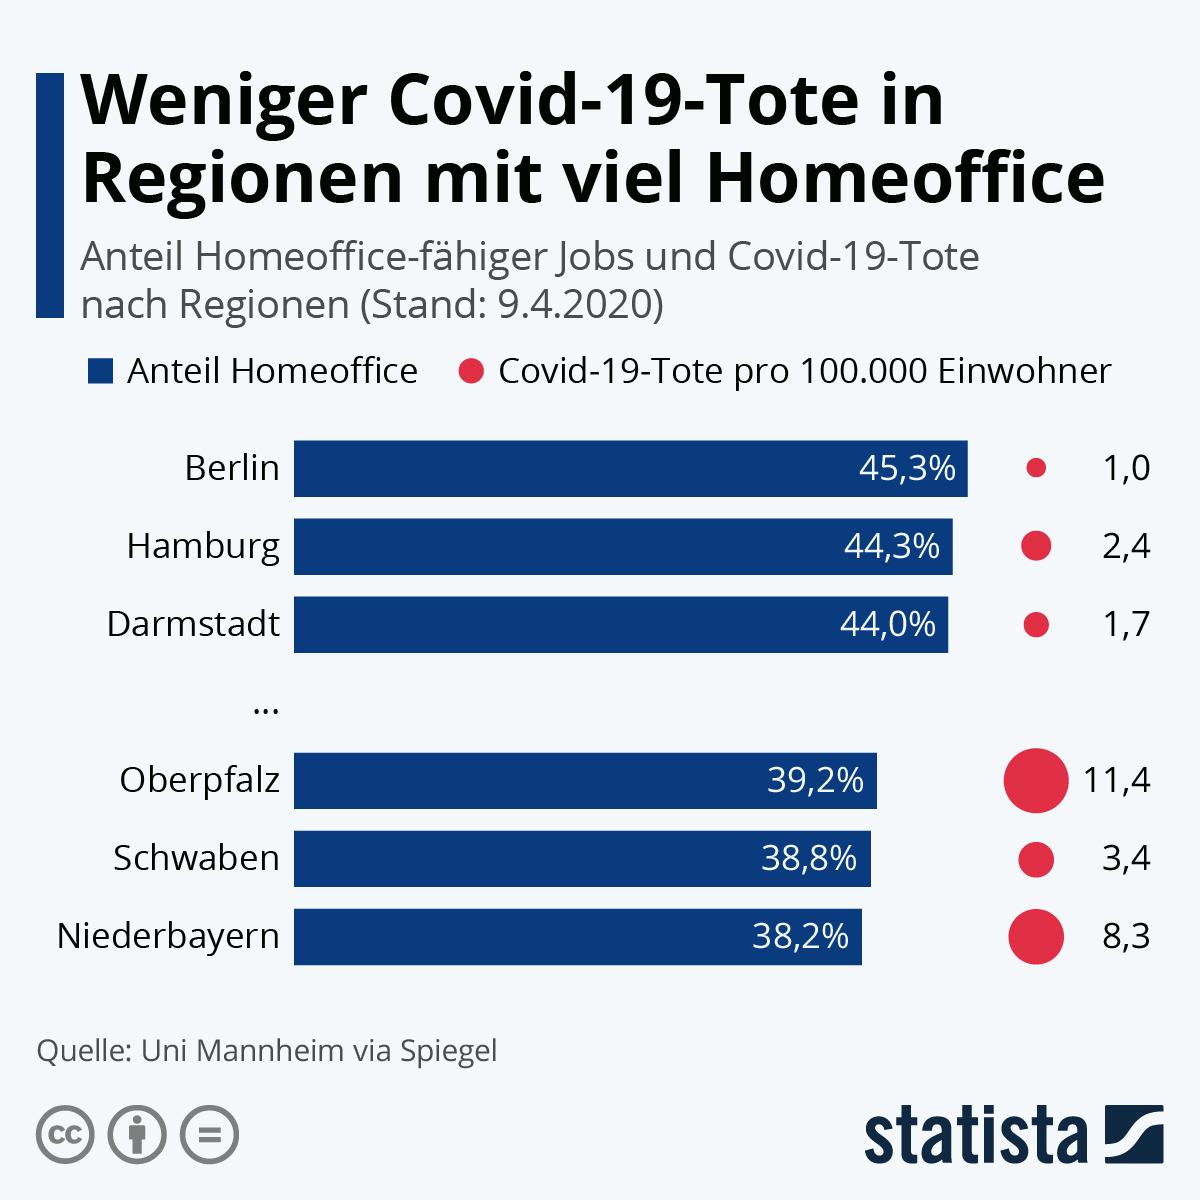 Weniger Covid-19-Tote in Regionen mit viel Homeoffice | Statista